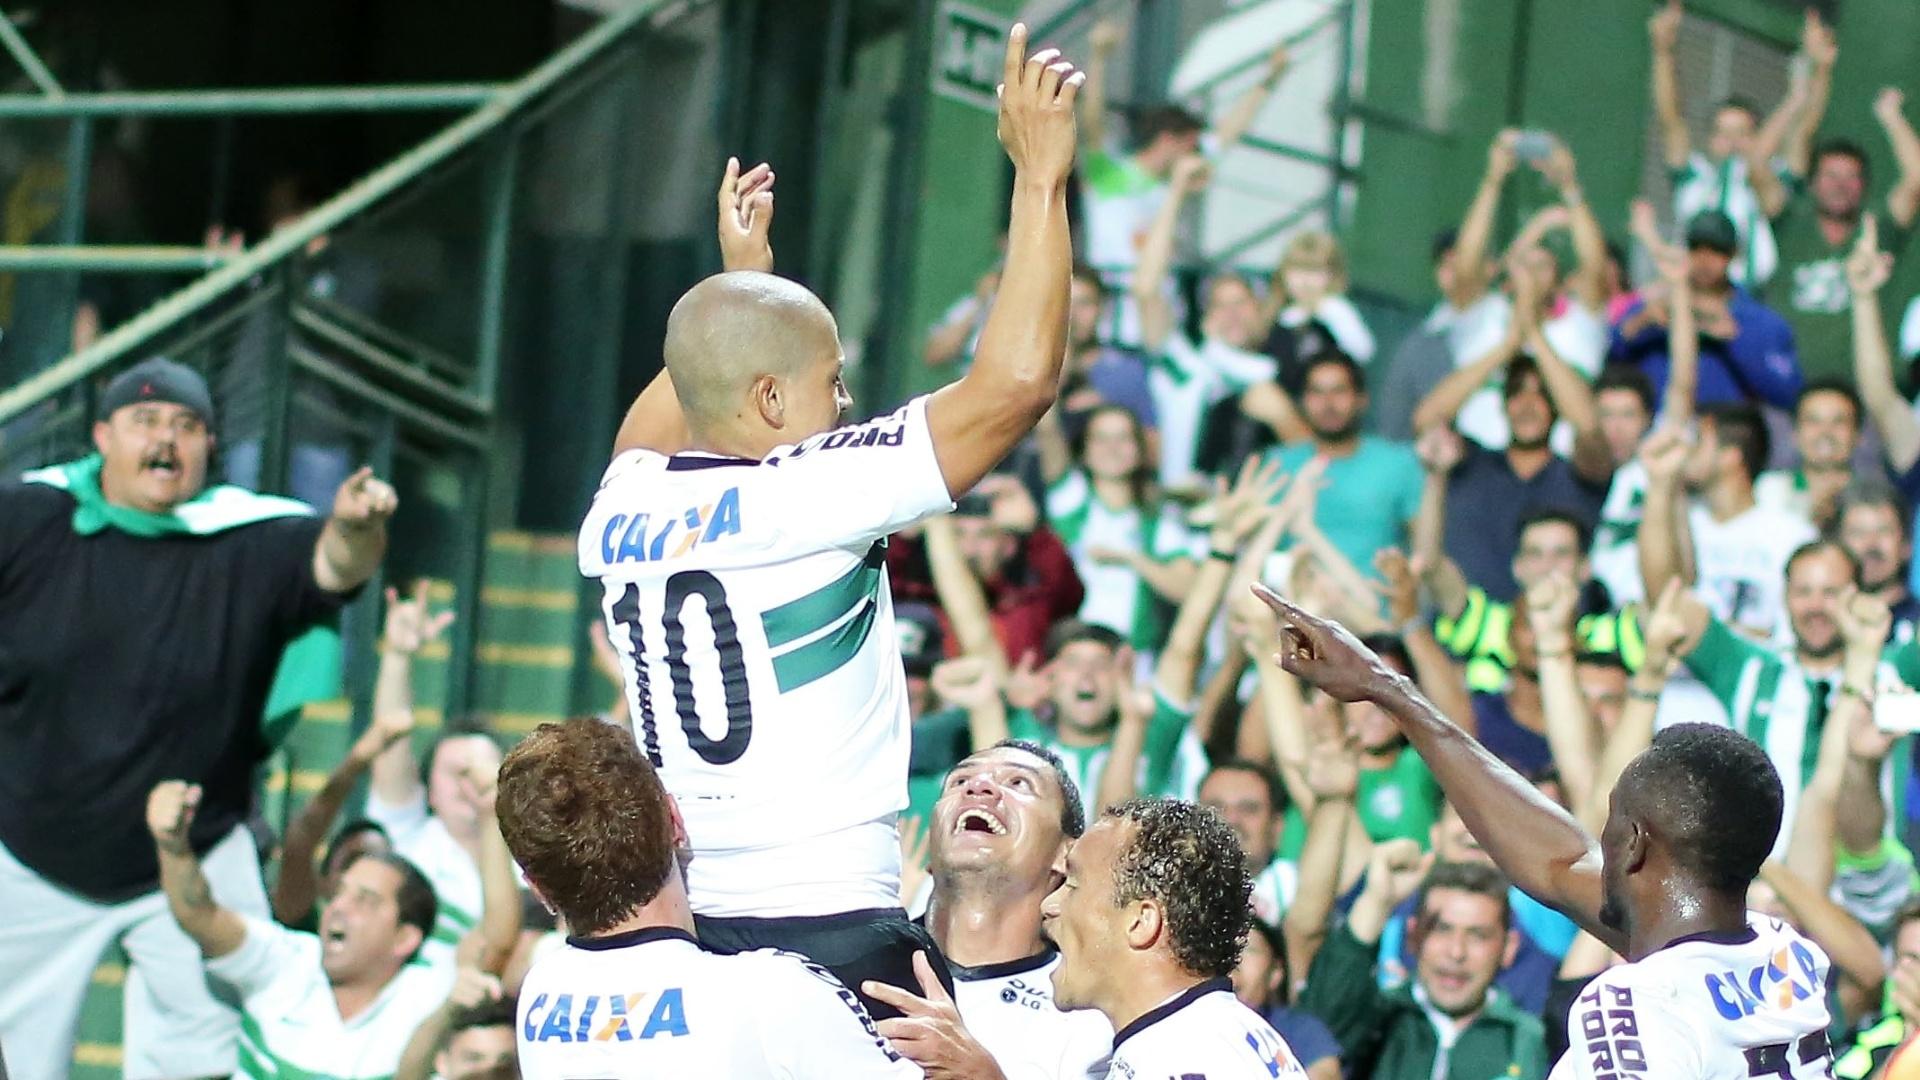 Jogadores do Coritiba comemoram vitória contra o Palmeiras no Brasileirão